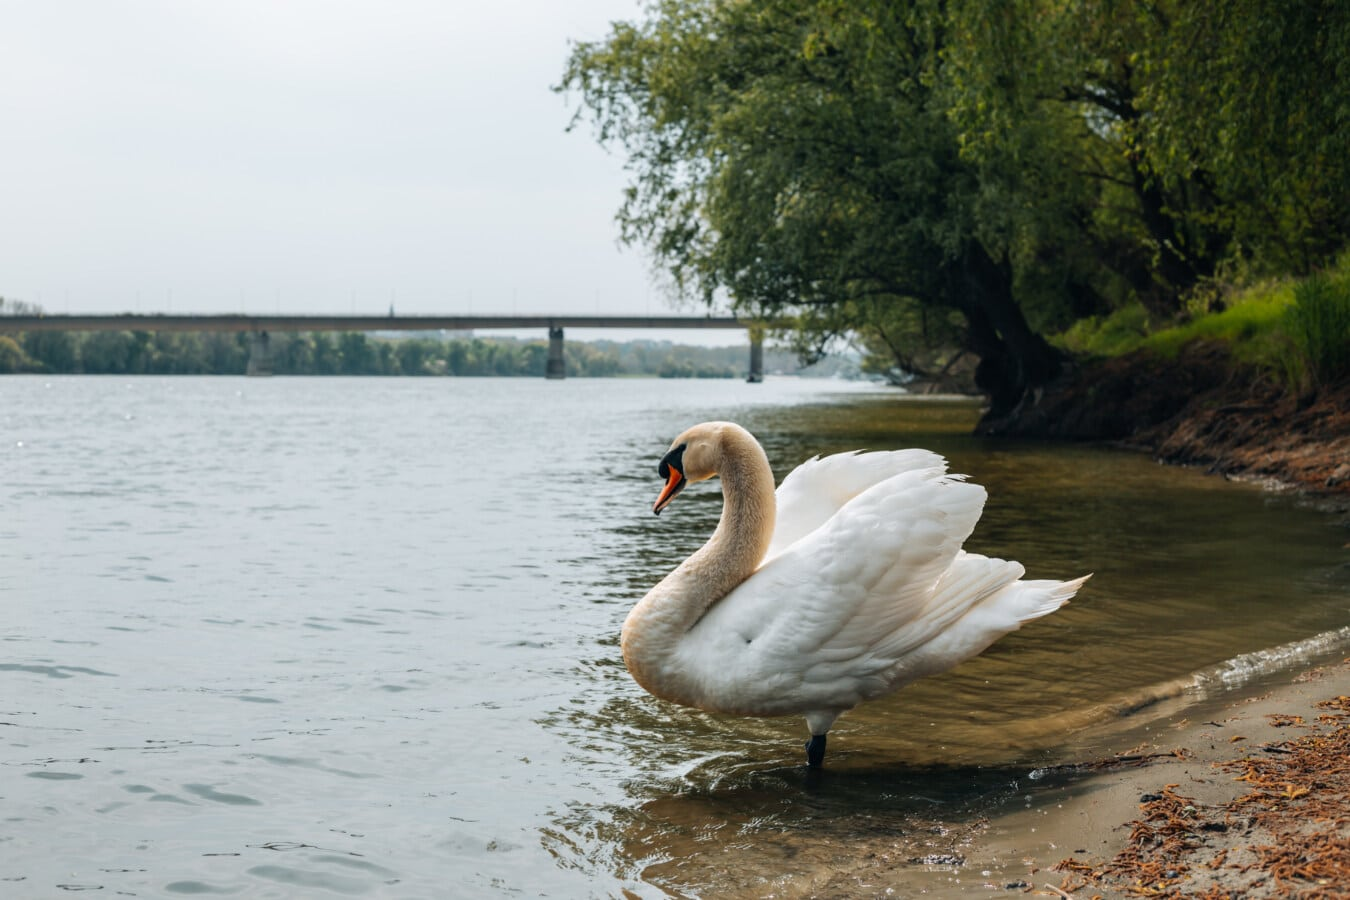 vogel, zwaan, prachtige foto, oever van de rivier, dier, Zijaanzicht, dichtbij, dieren in het wild, water, watervogels